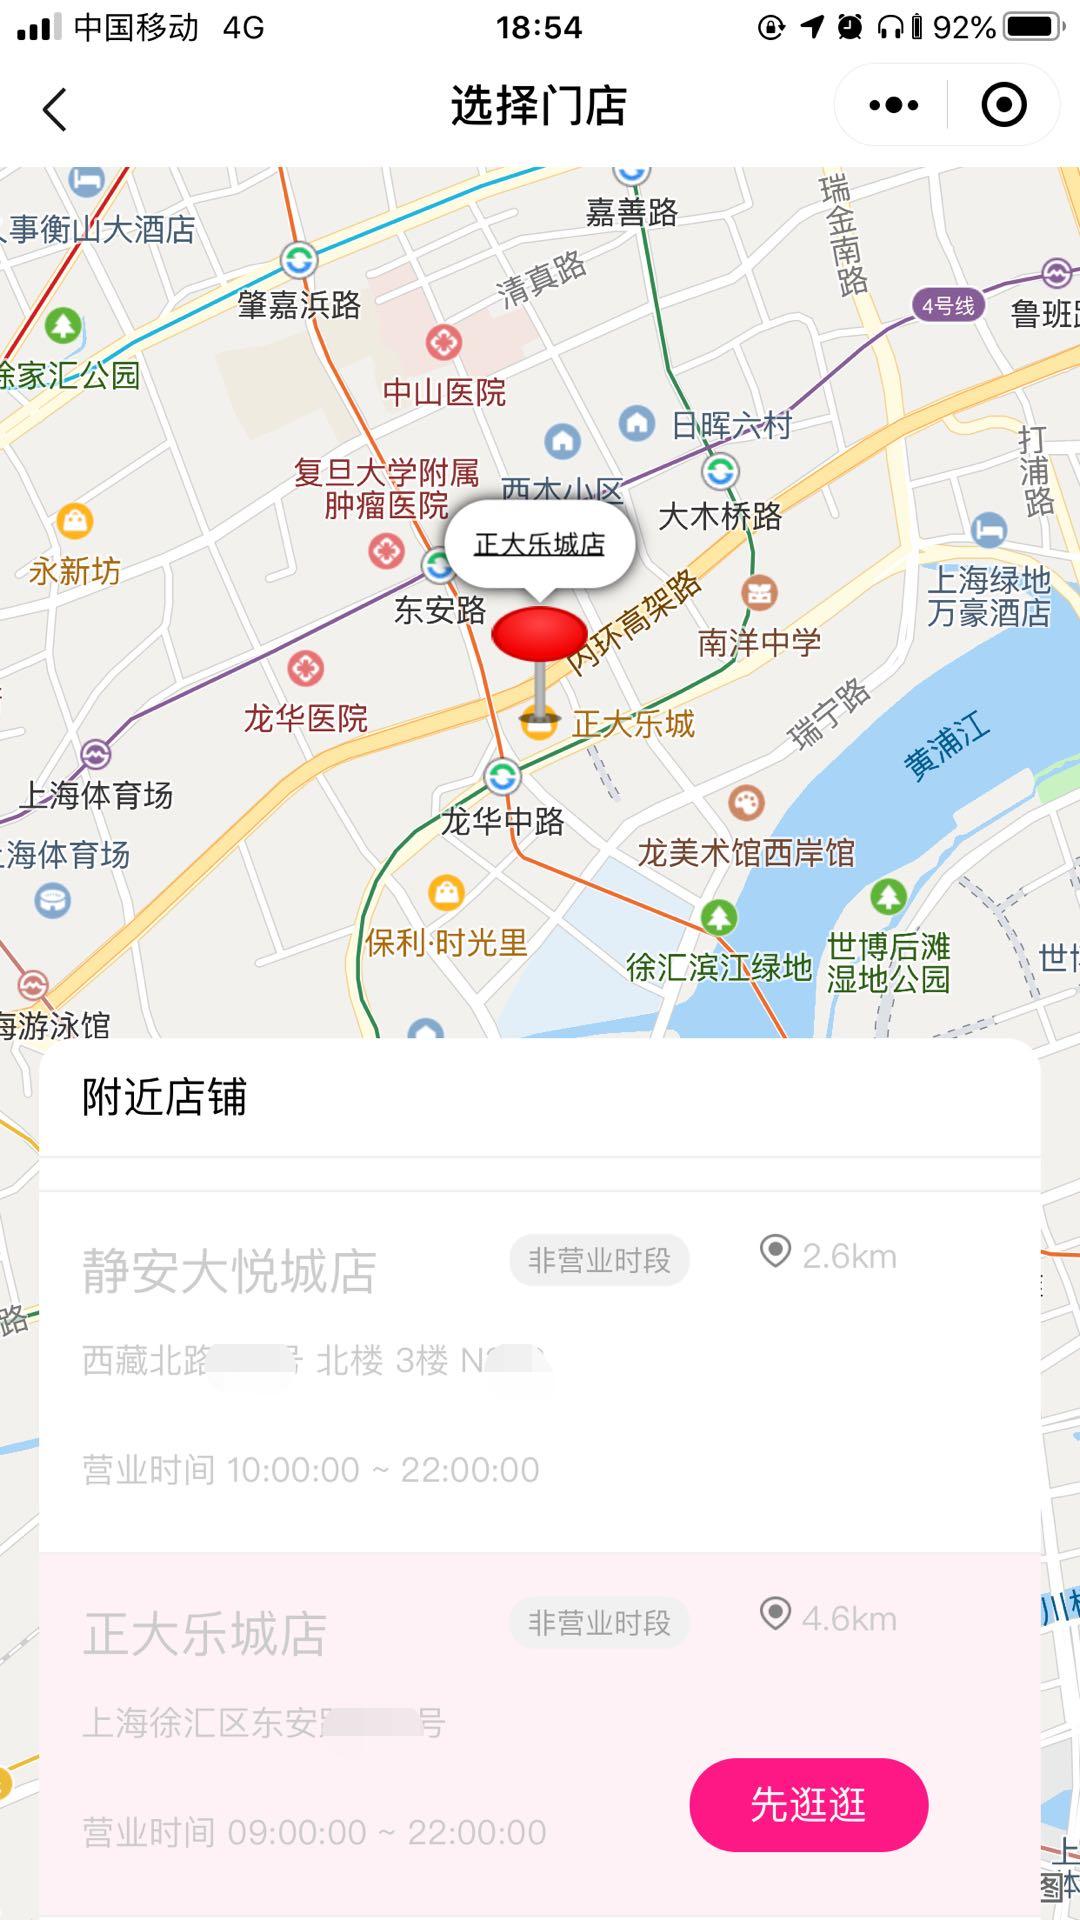 利用Redis的Geo功能实现附近门店推荐